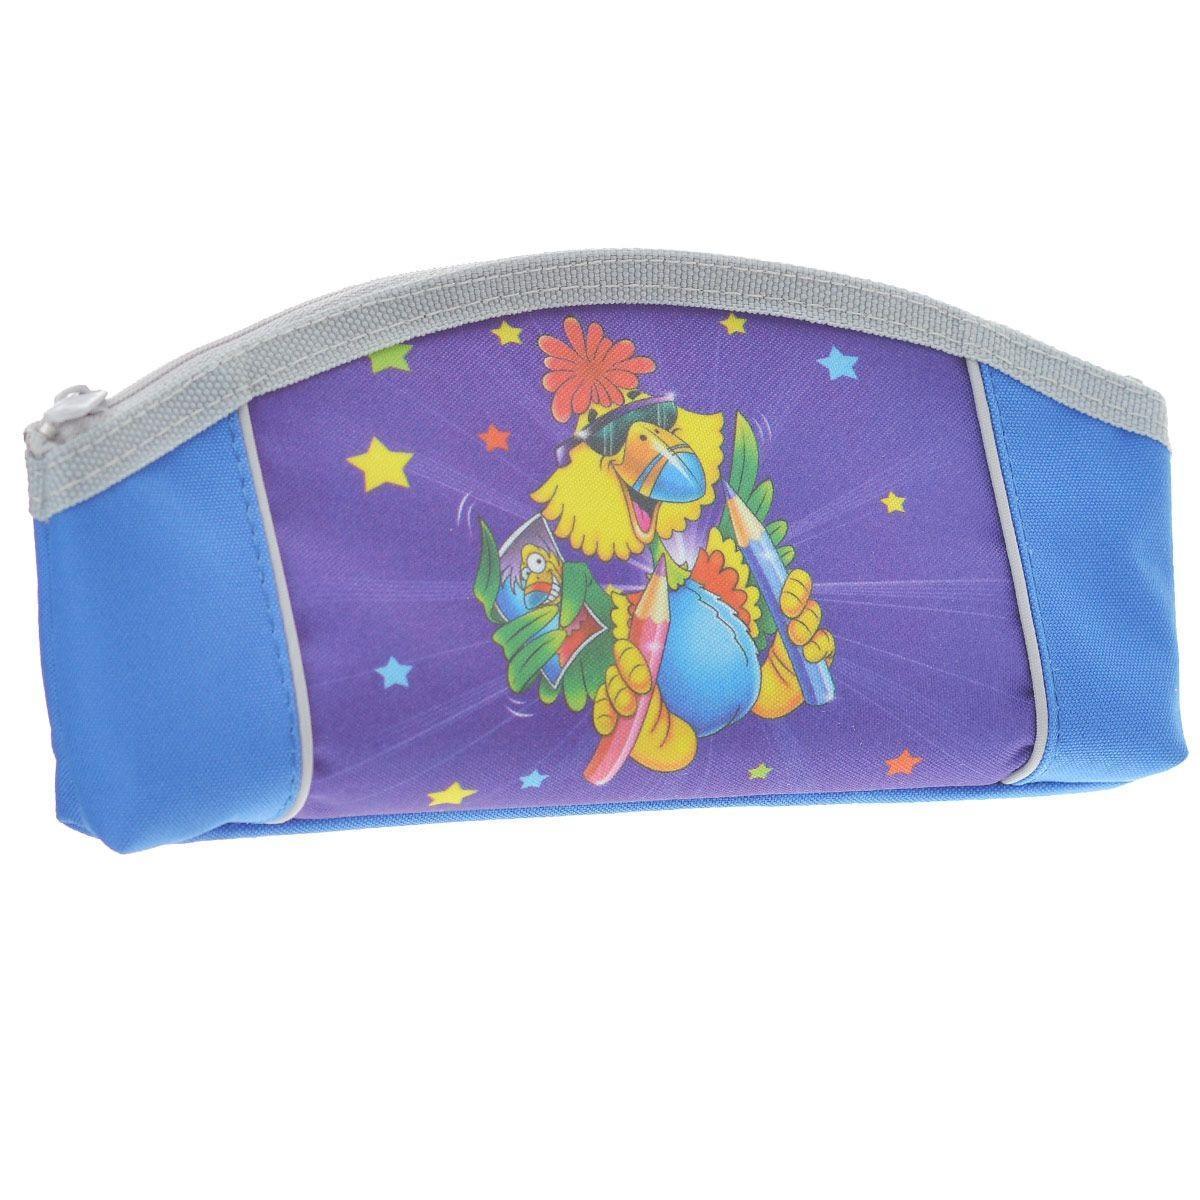 Пенал на молнии JOYFUL BIRDIE,1 отделение, без наполнения, цвет: сине-фиолетовый